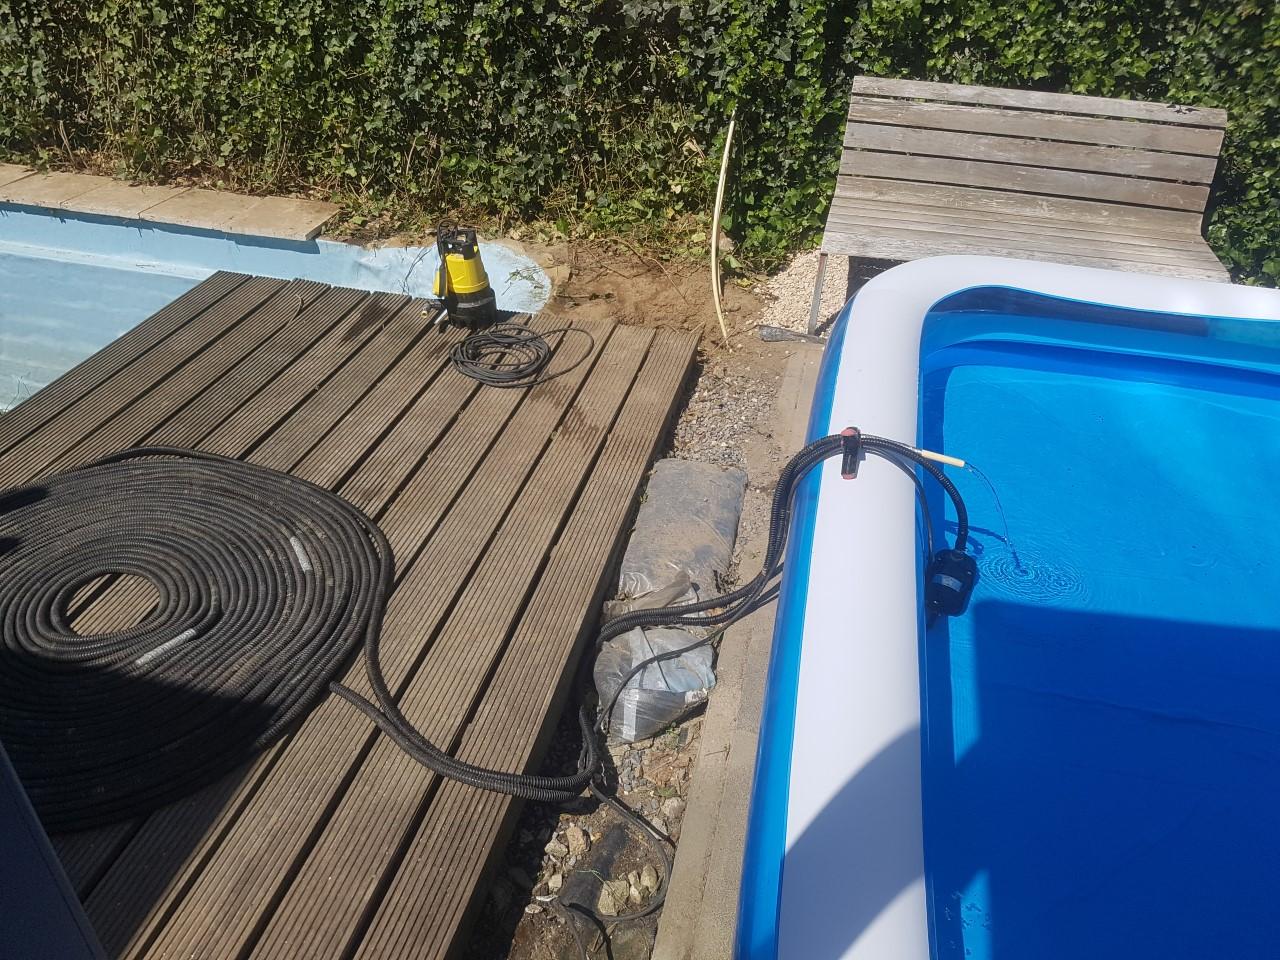 zwembadje_zonnecollector.jpg